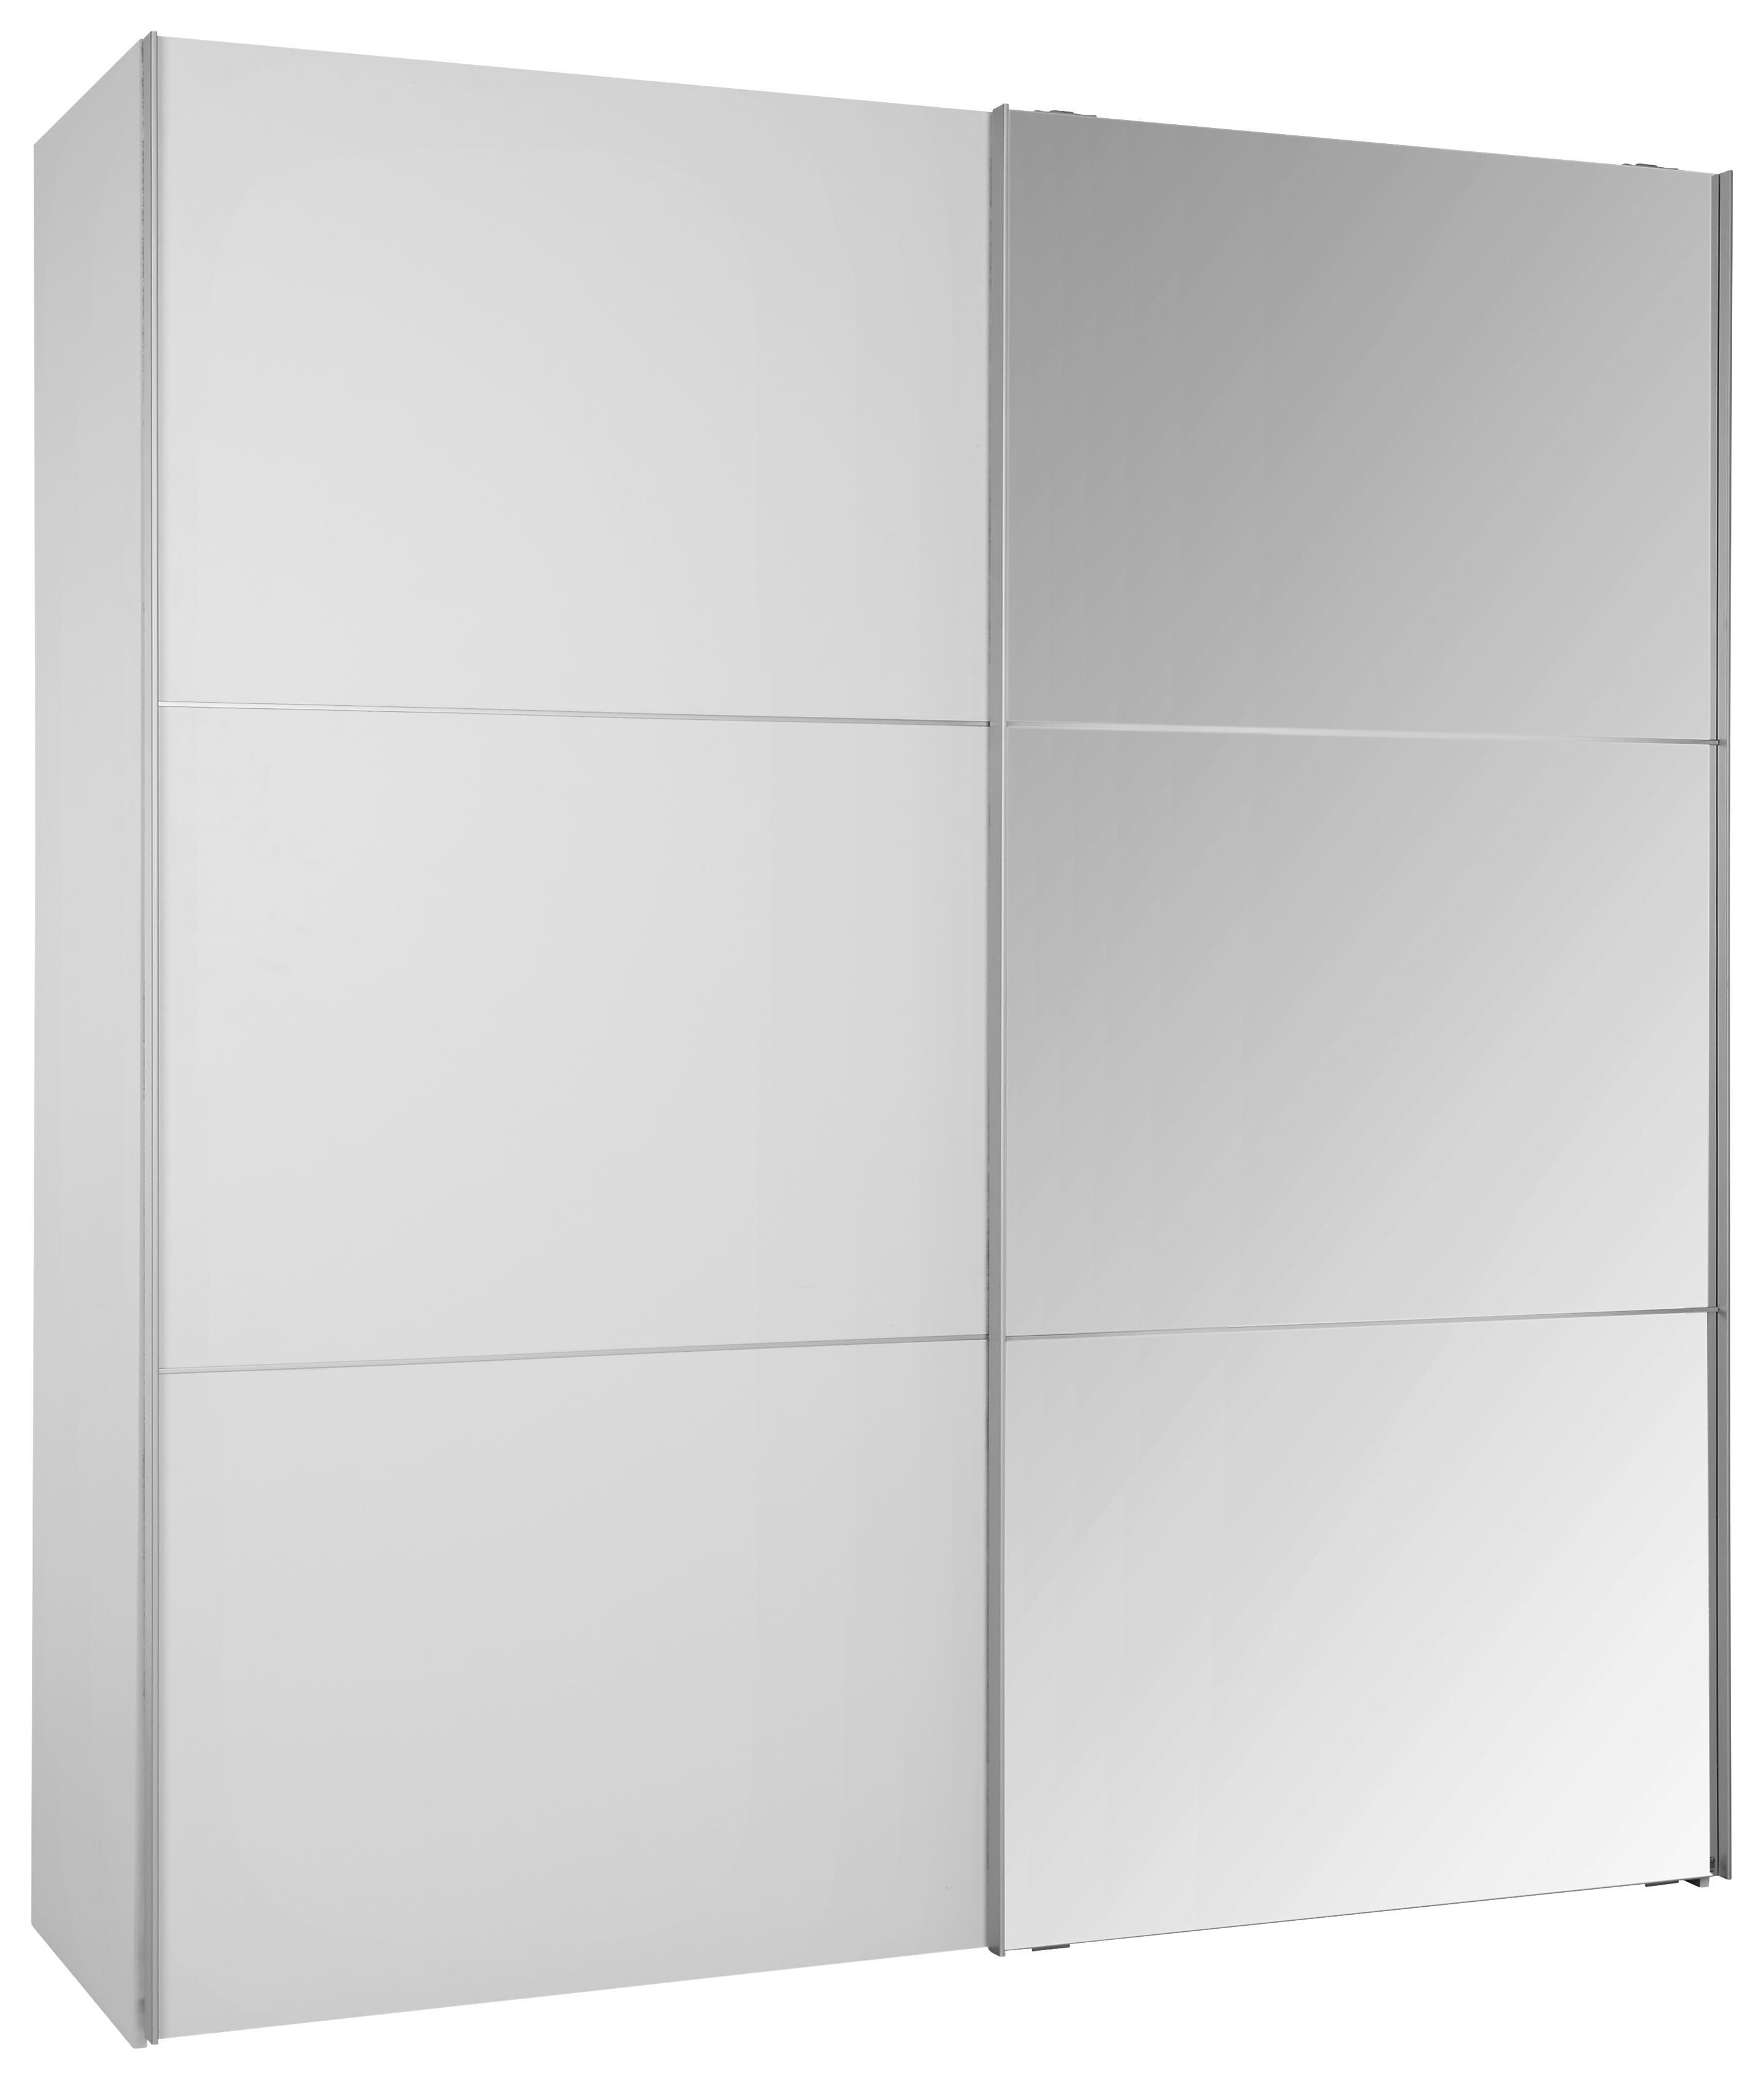 schrank wei mit spiegel top kls sp schrank massivholz weiss weicf mit wohnzimmer category with. Black Bedroom Furniture Sets. Home Design Ideas